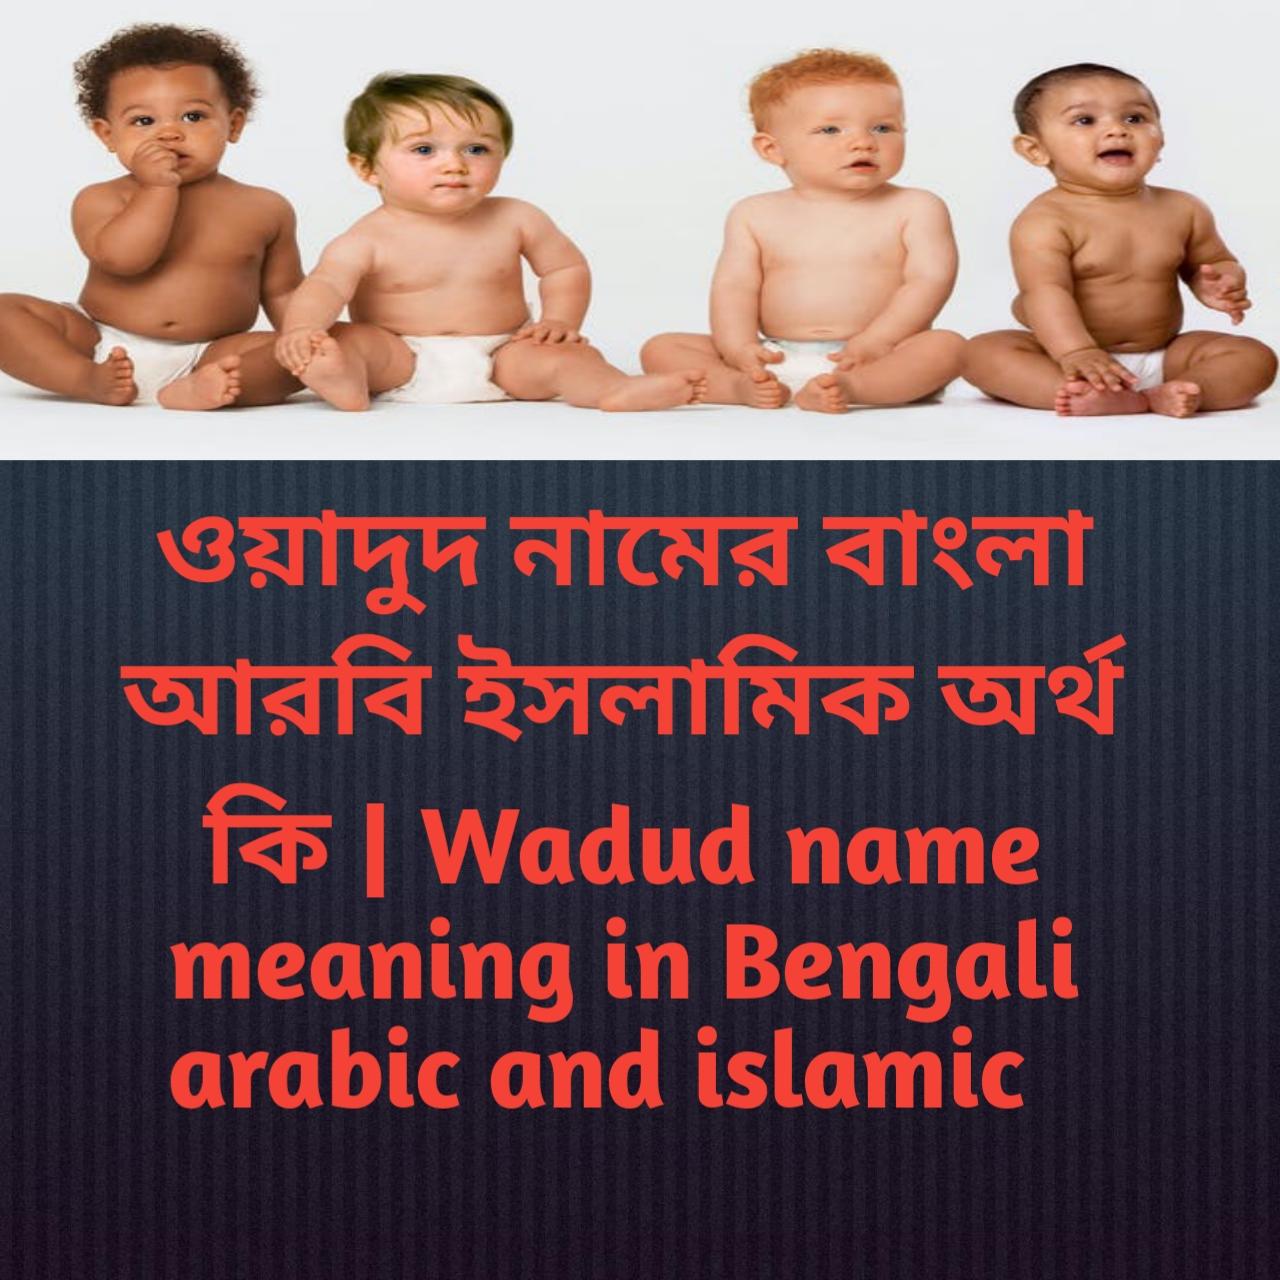 ওয়াদুদ নামের অর্থ কি, ওয়াদুদ নামের বাংলা অর্থ কি, ওয়াদুদ নামের ইসলামিক অর্থ কি, Wadud name meaning in Bengali, ওয়াদুদ কি ইসলামিক নাম,